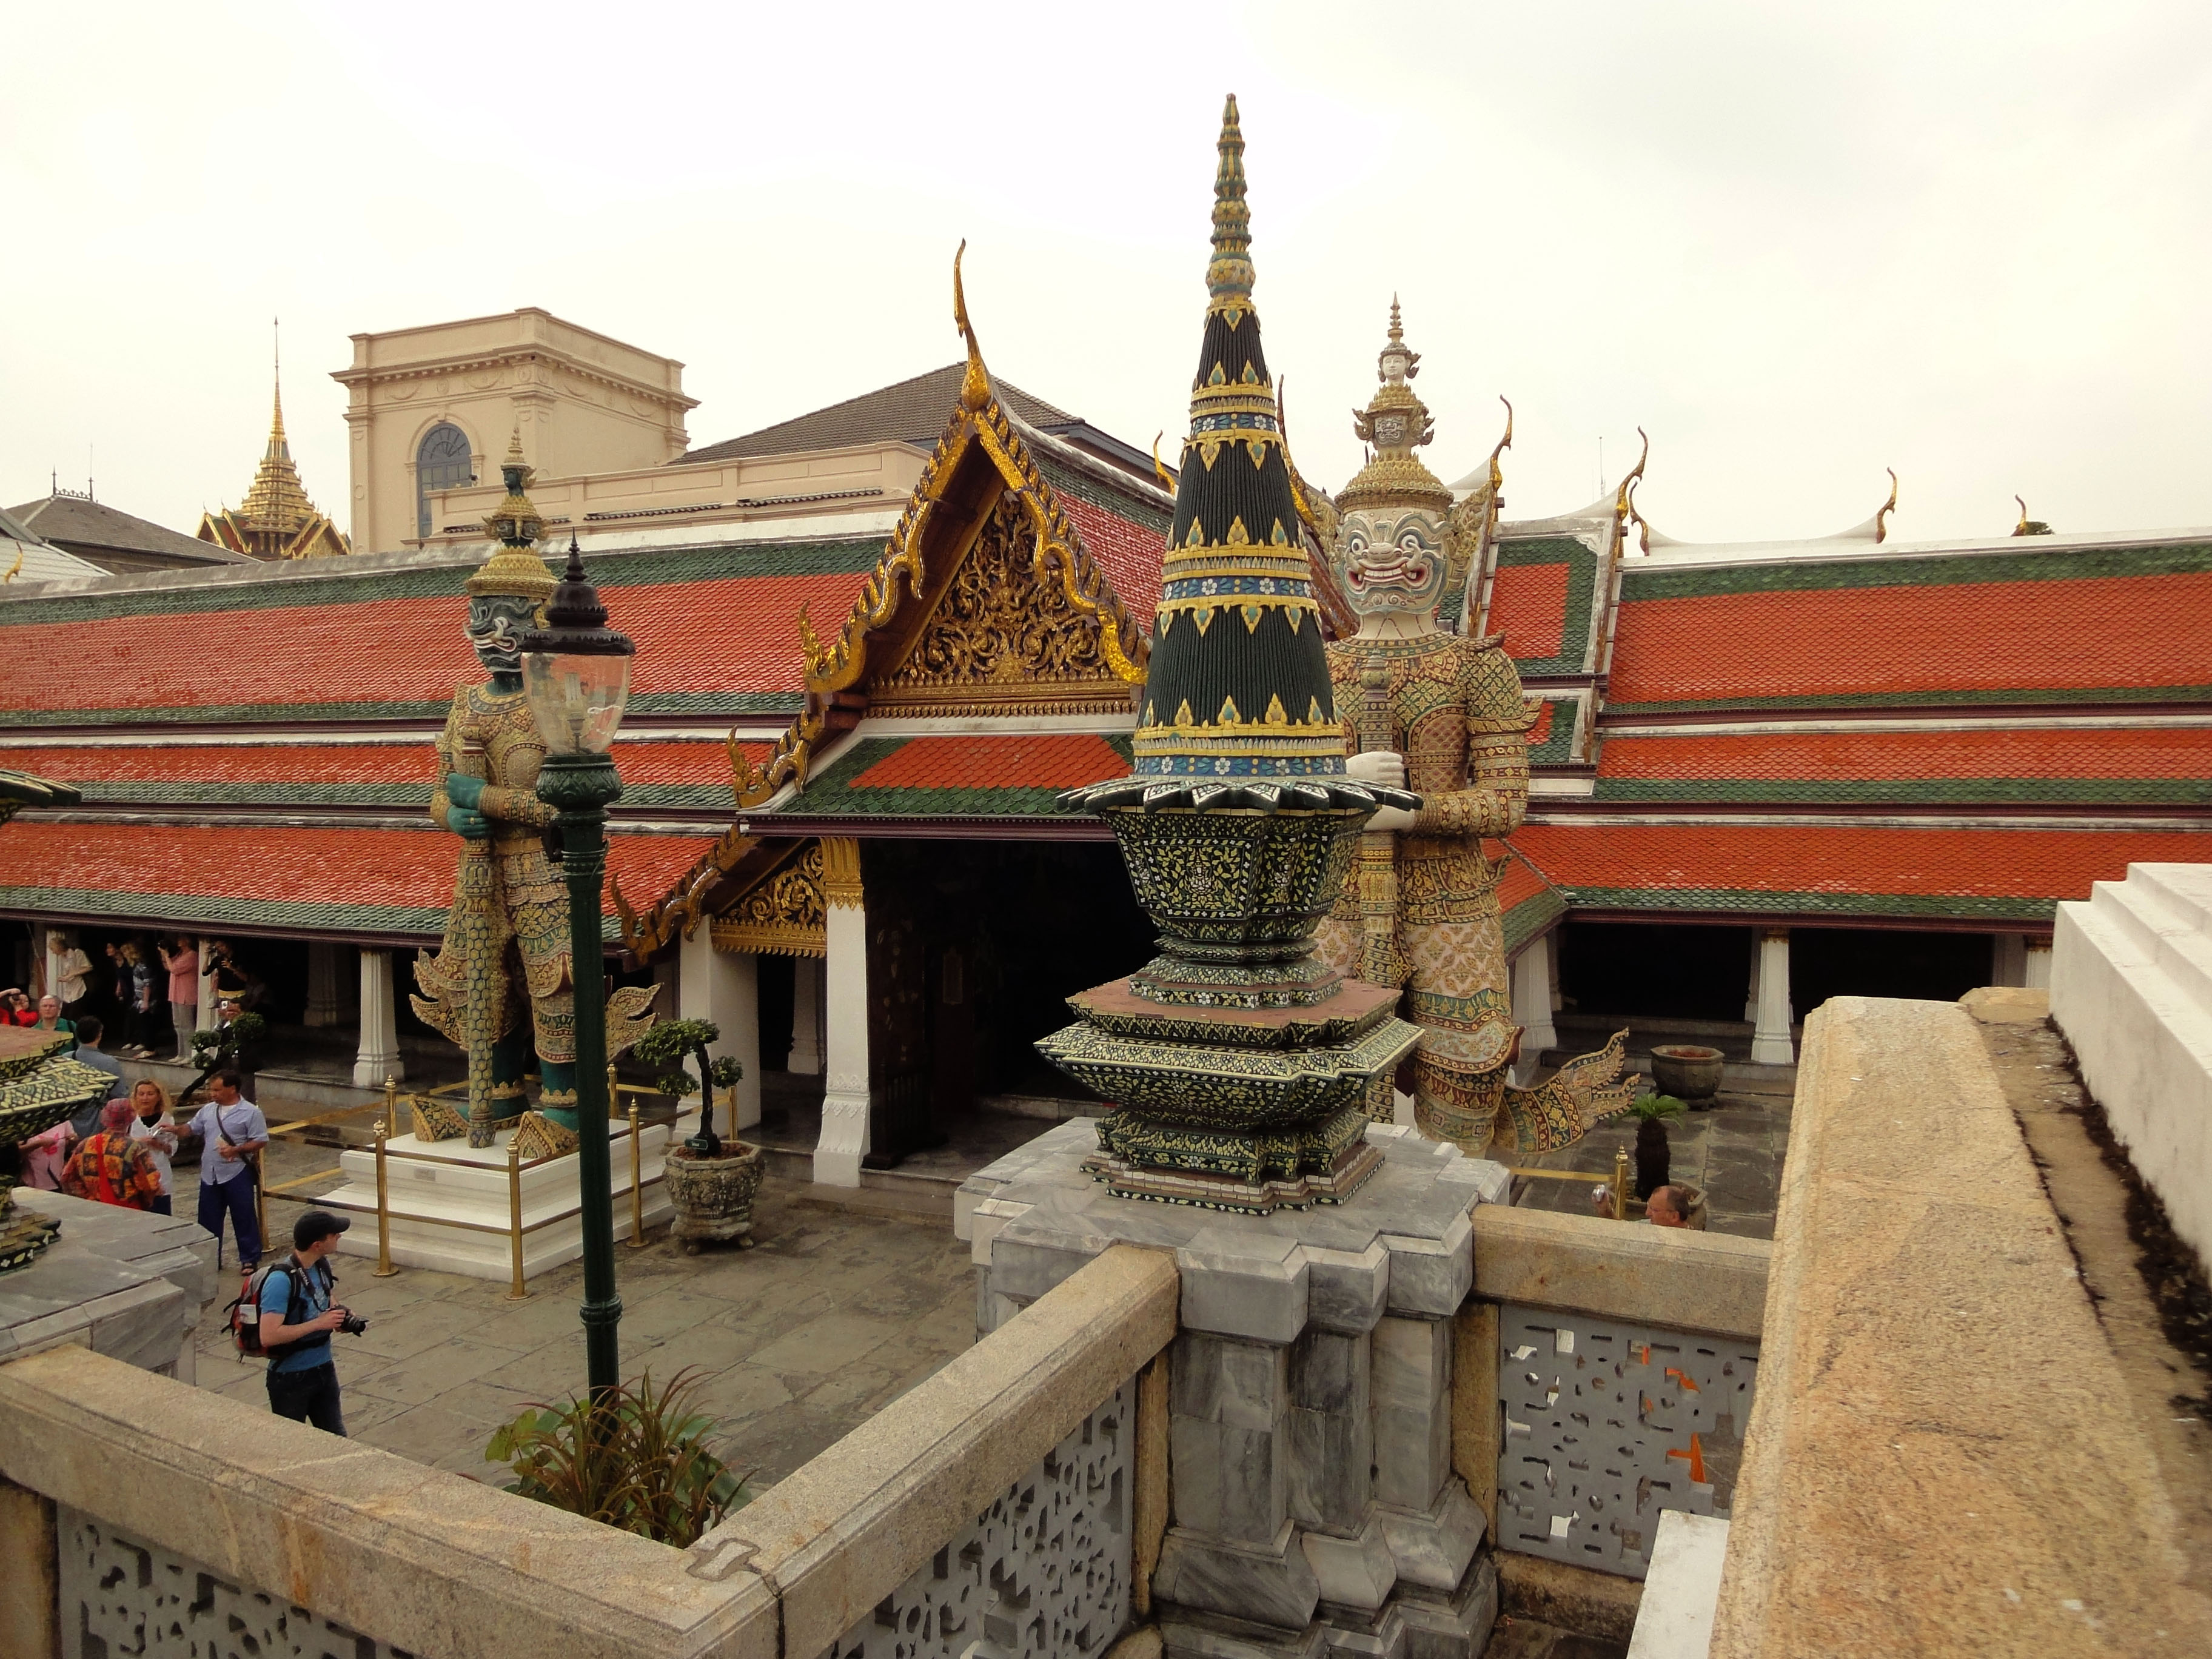 Grand Palace Phra Borom Maha Ratcha Wang Bangkok Thailand 07